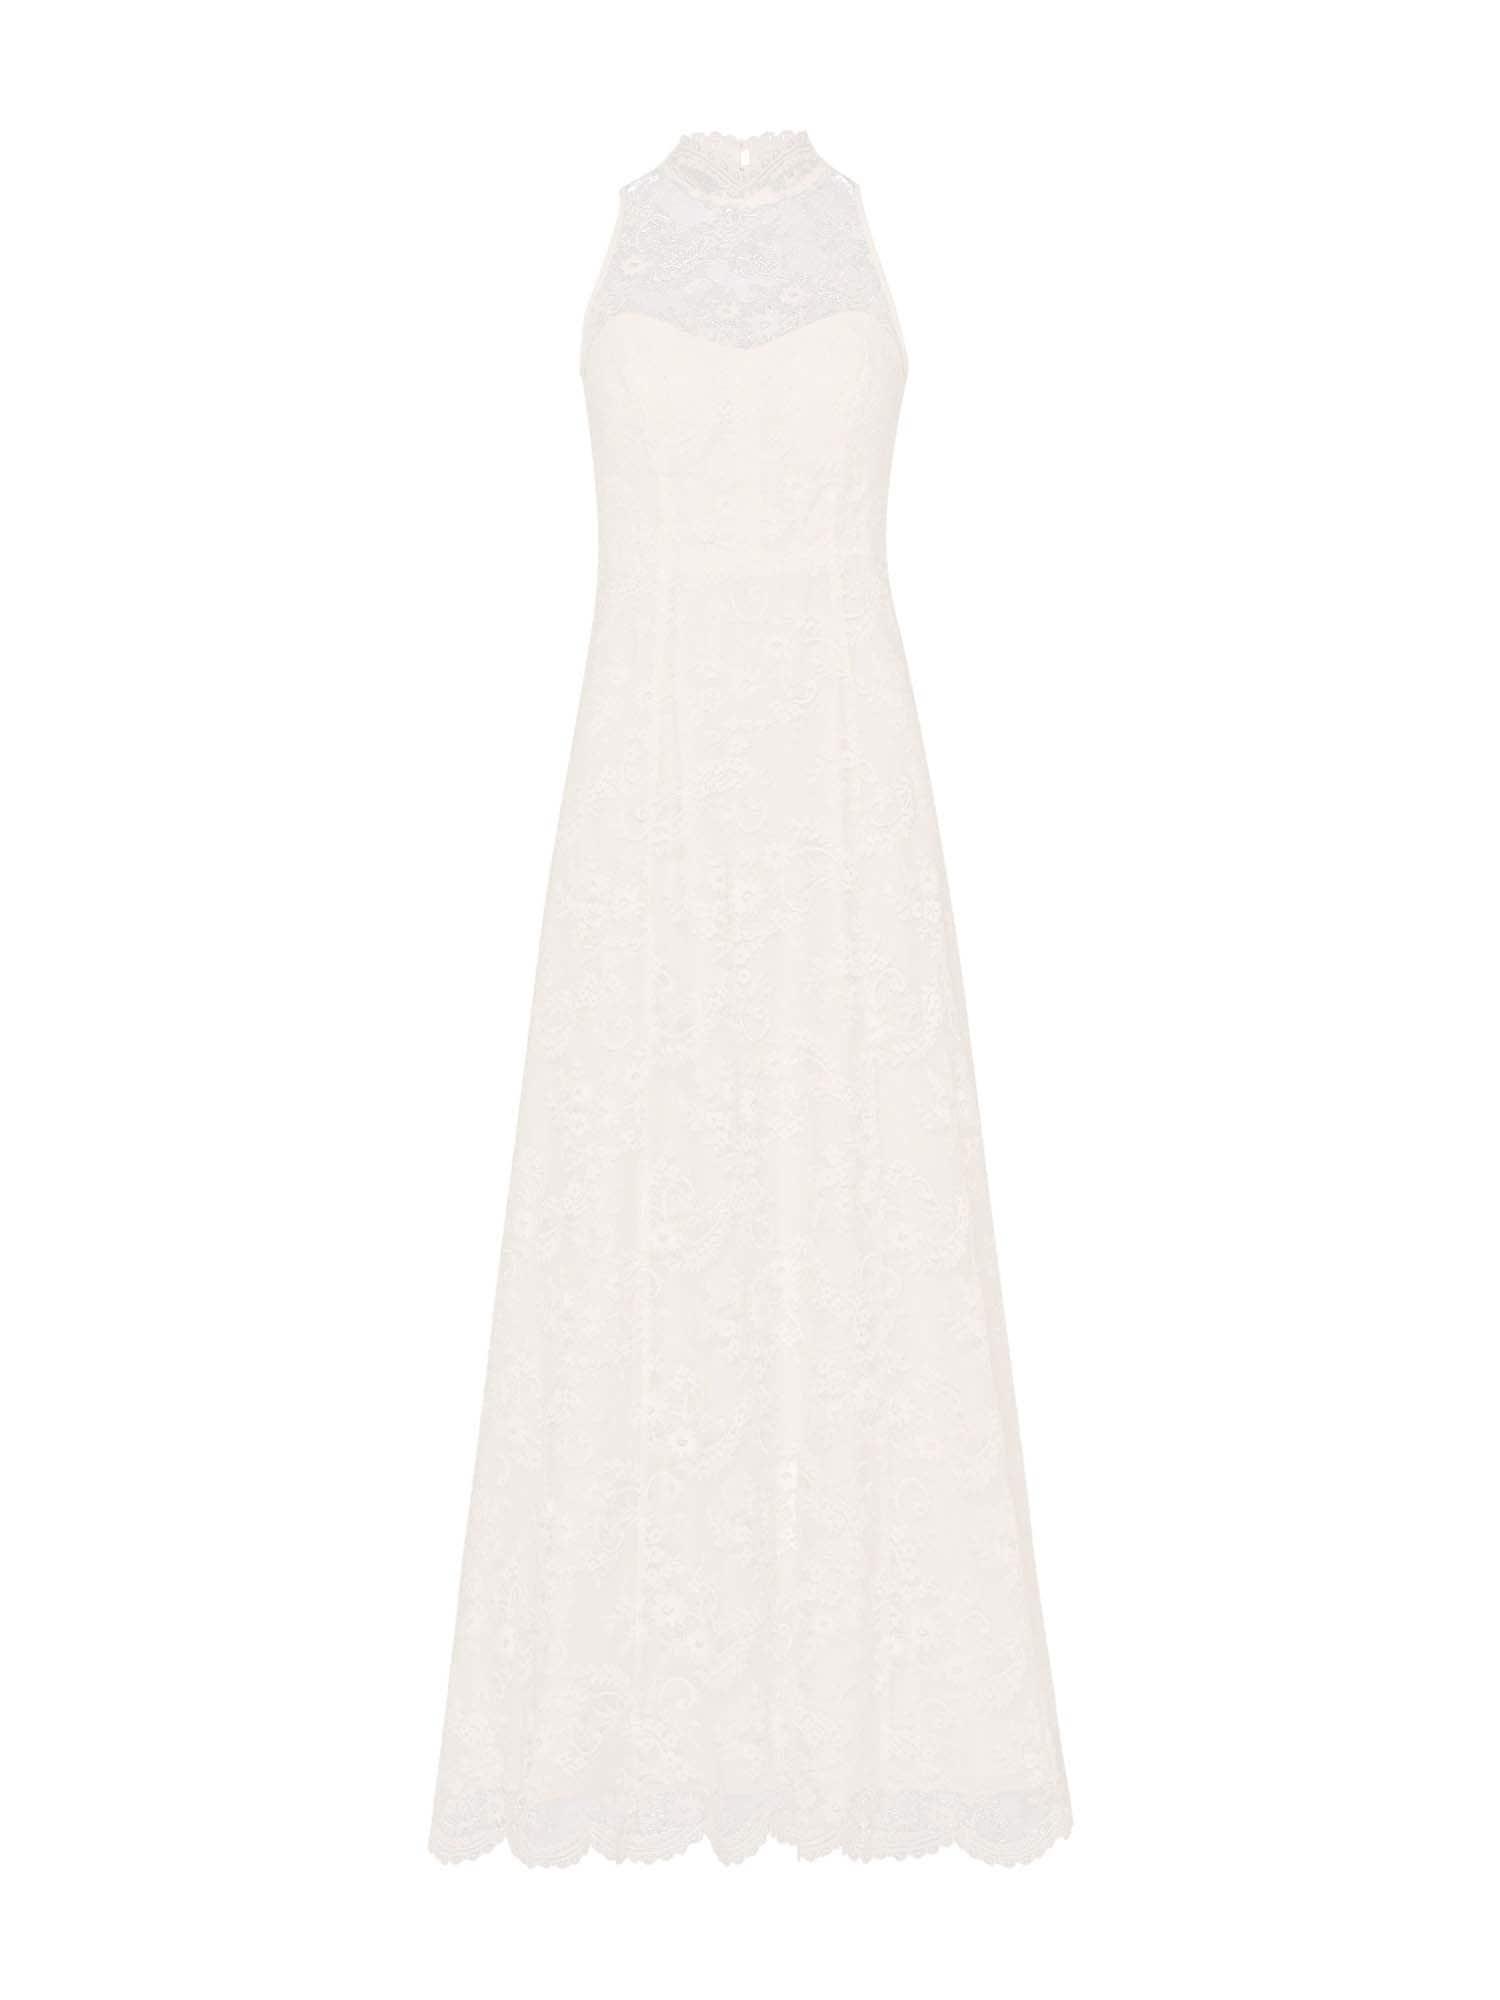 Brautkleider 'American Shoulder'   Bekleidung > Kleider > Brautkleider   Weiß   IVY & OAK